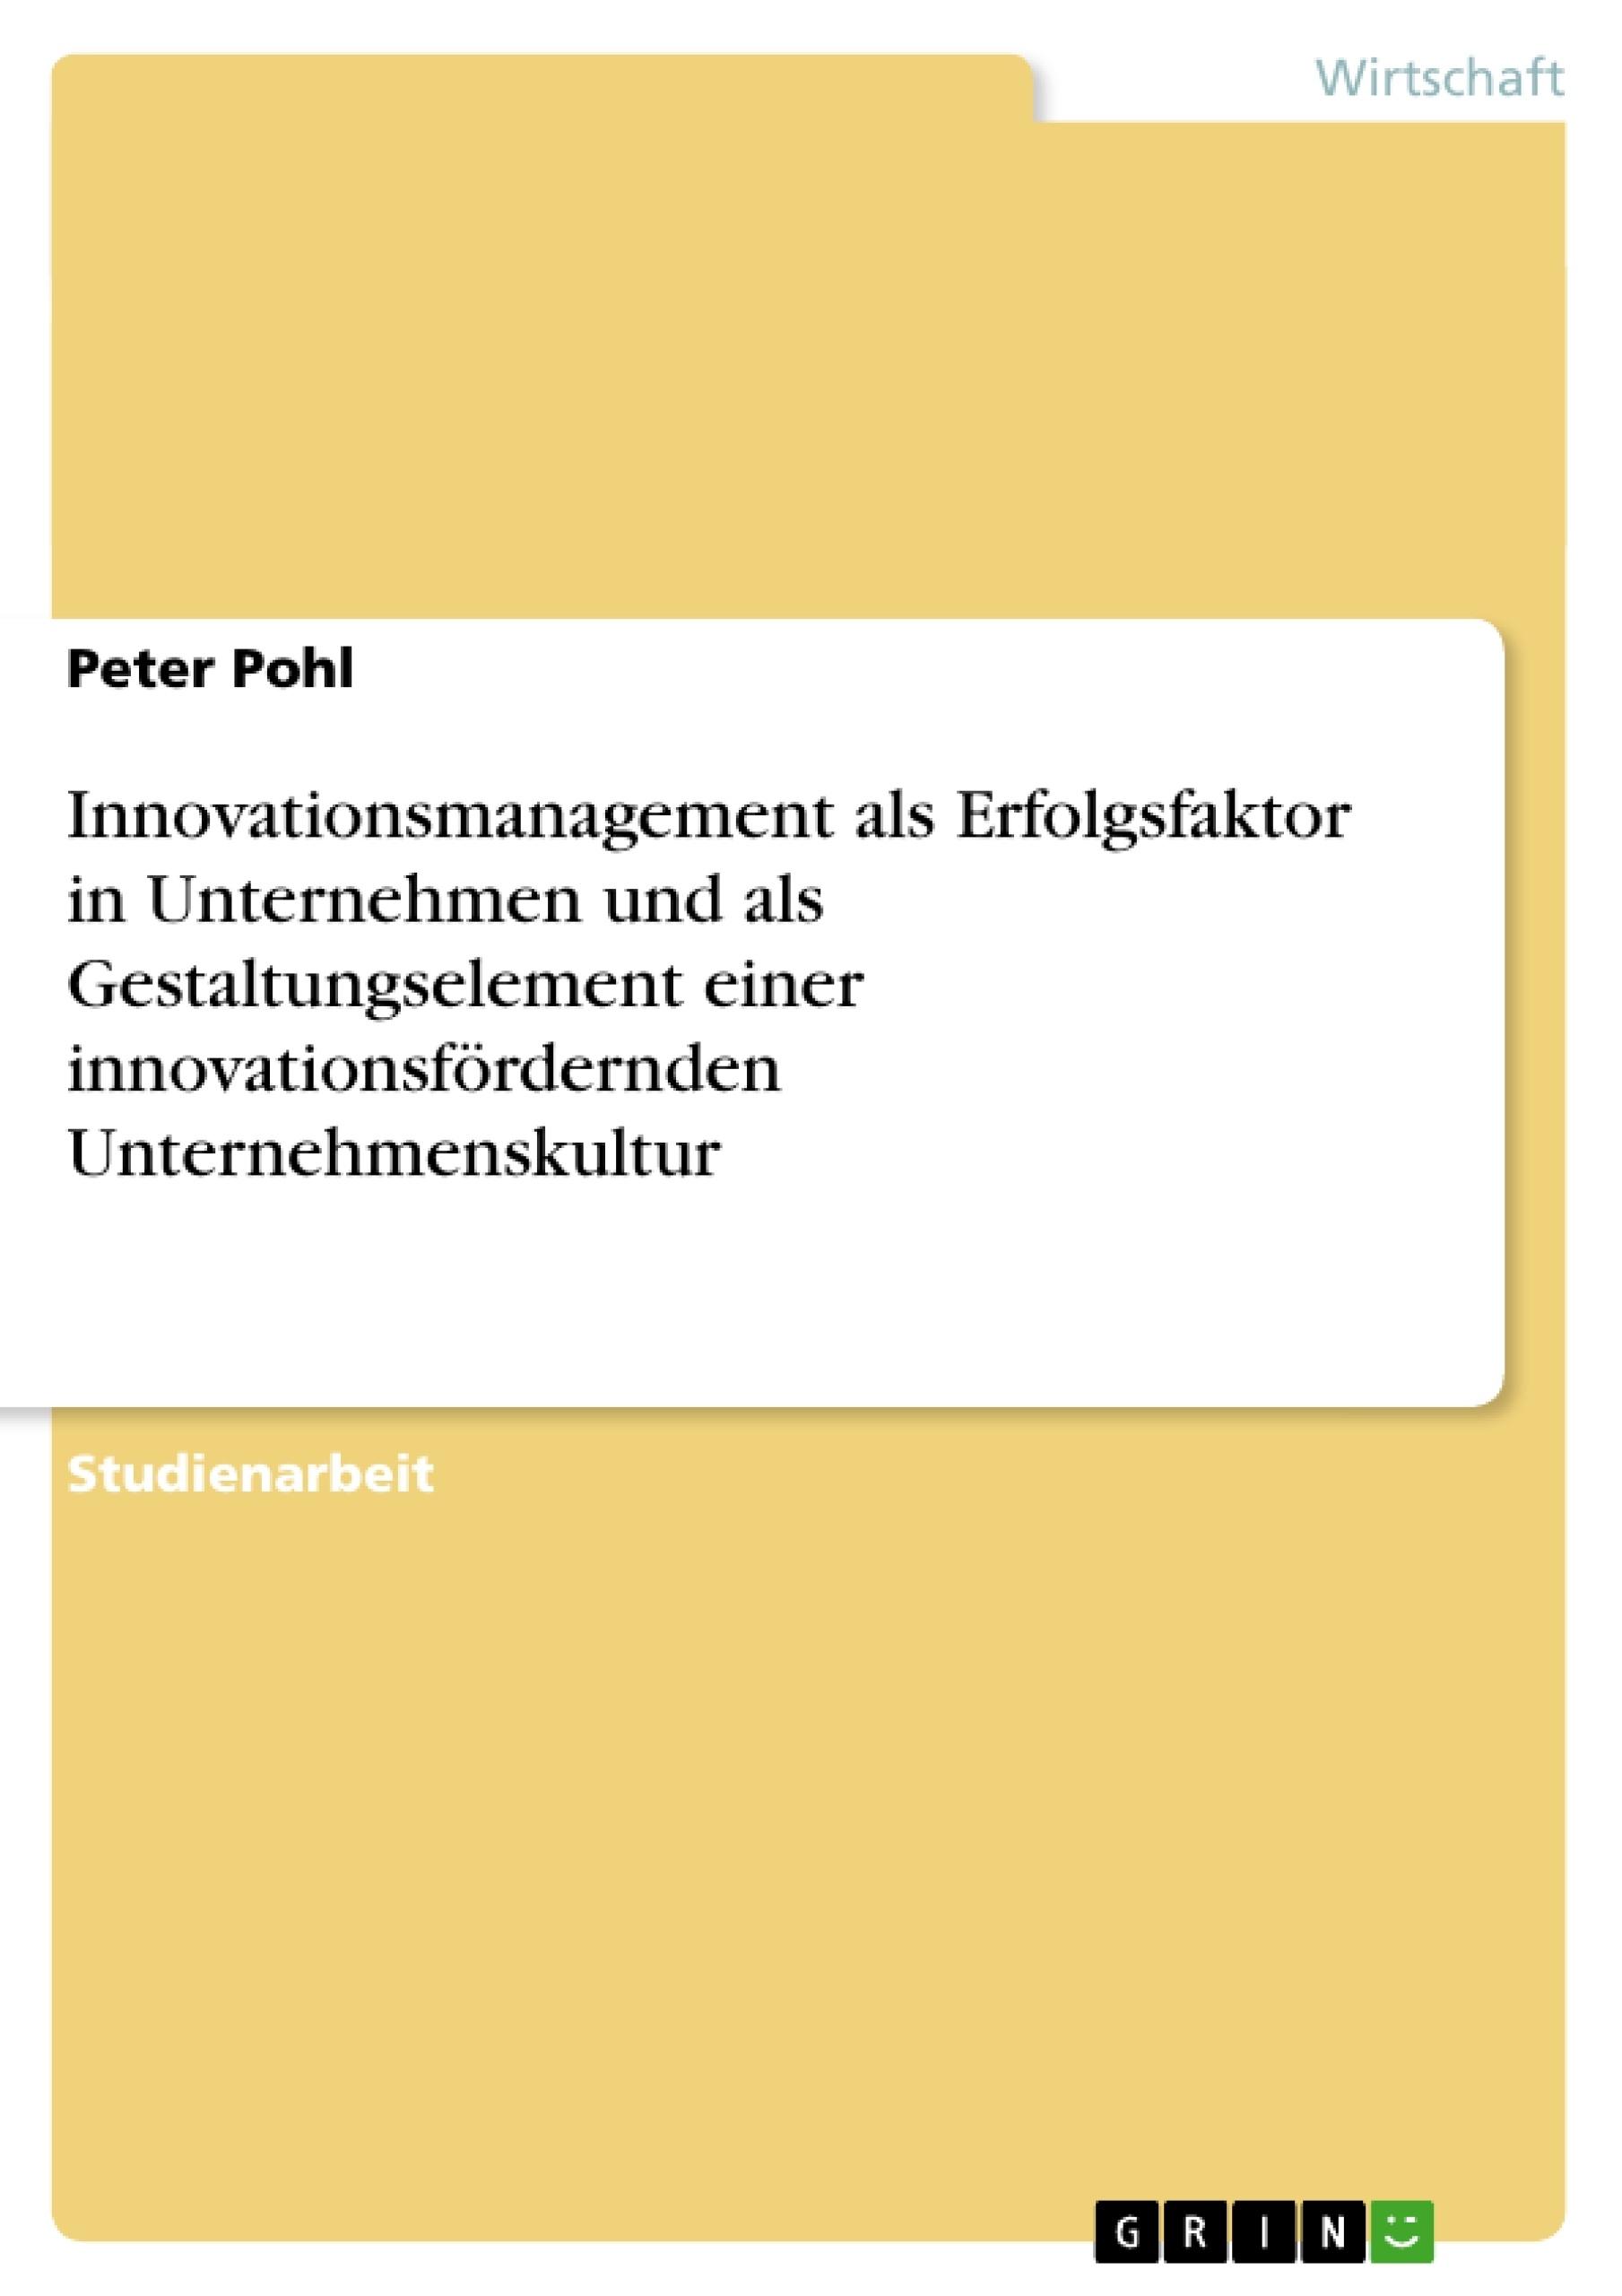 Titel: Innovationsmanagement als Erfolgsfaktor in Unternehmen und als Gestaltungselement einer innovationsfördernden Unternehmenskultur